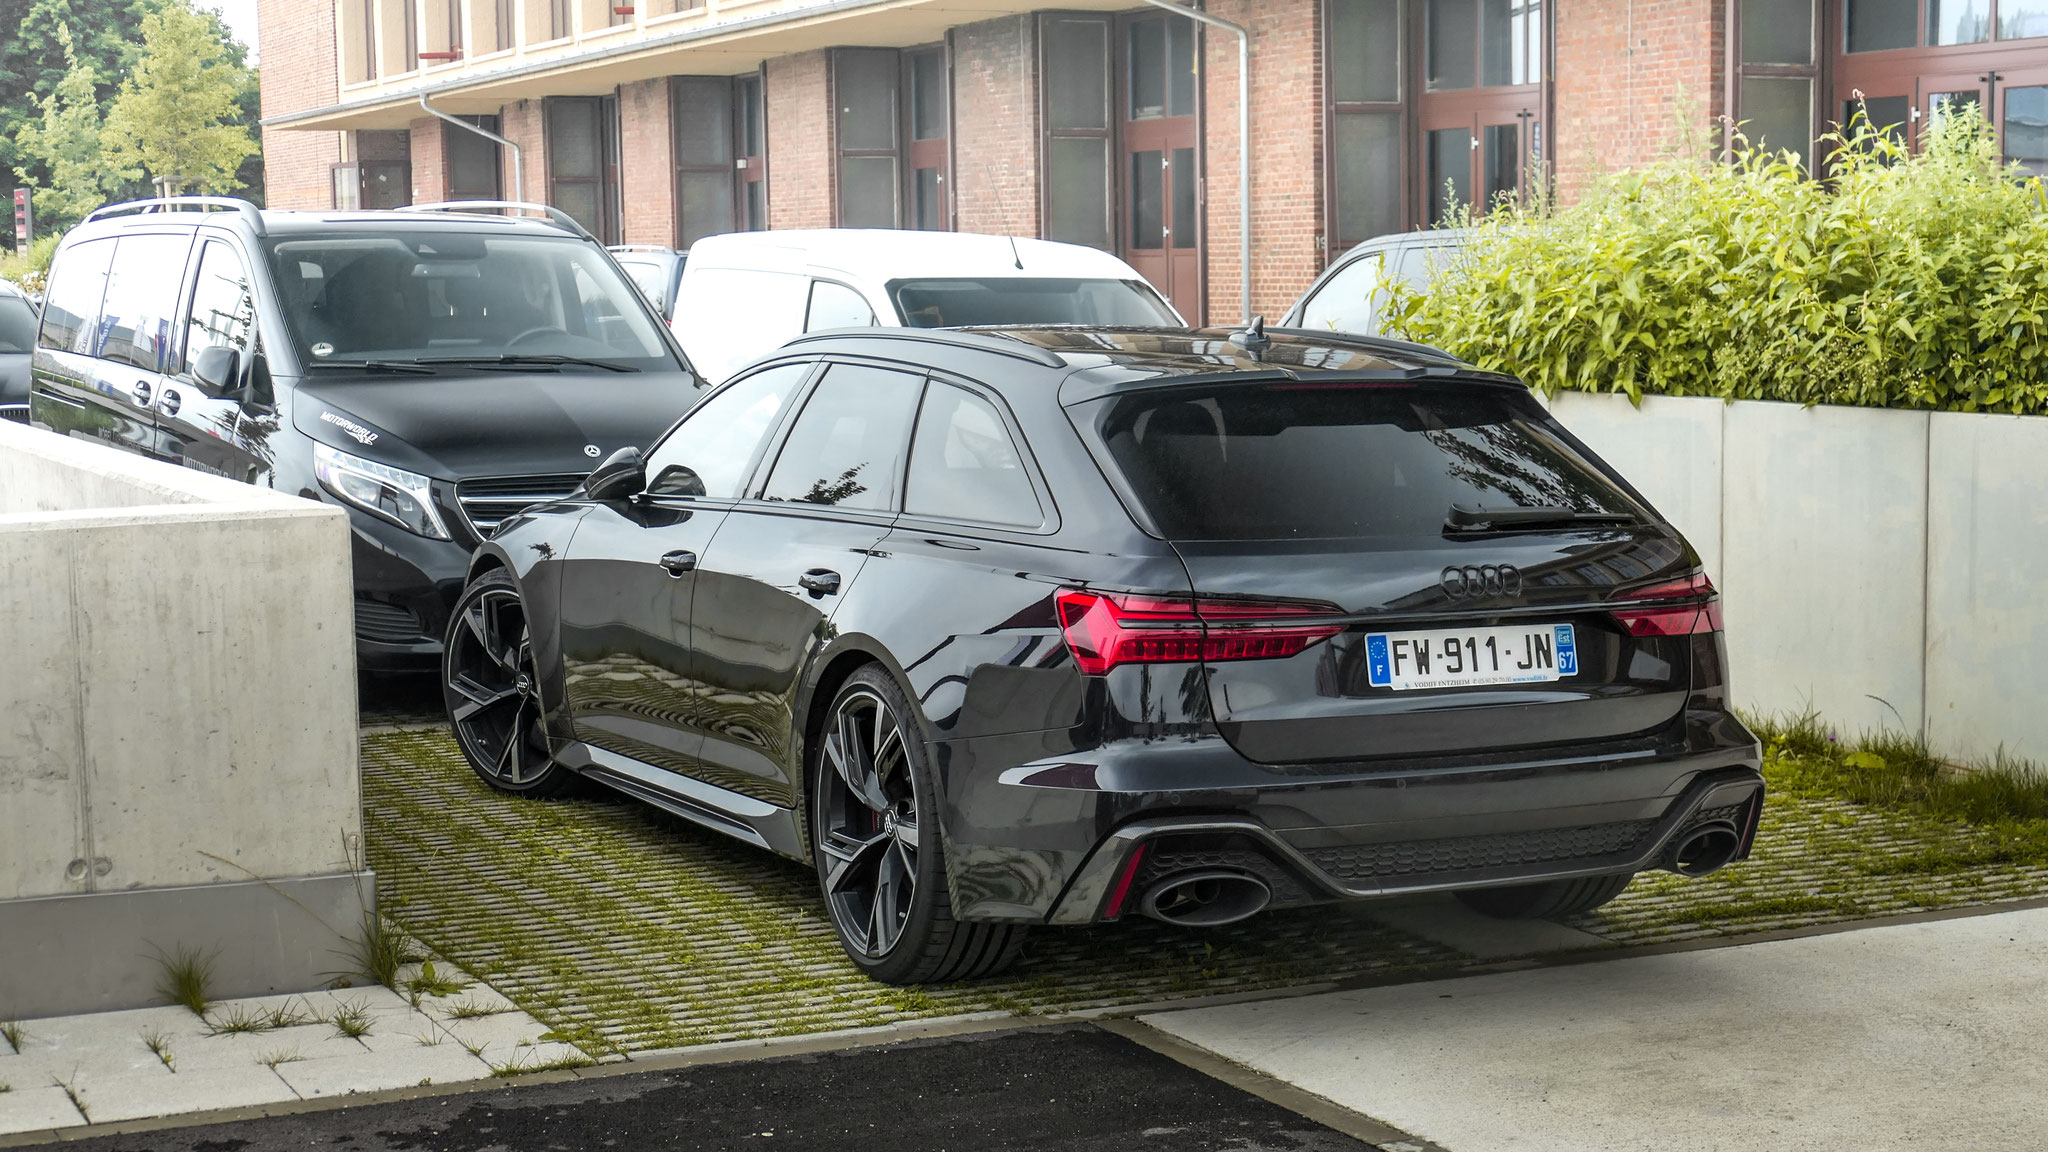 Audi RS6 - FW-911-JN-67 (FRA)